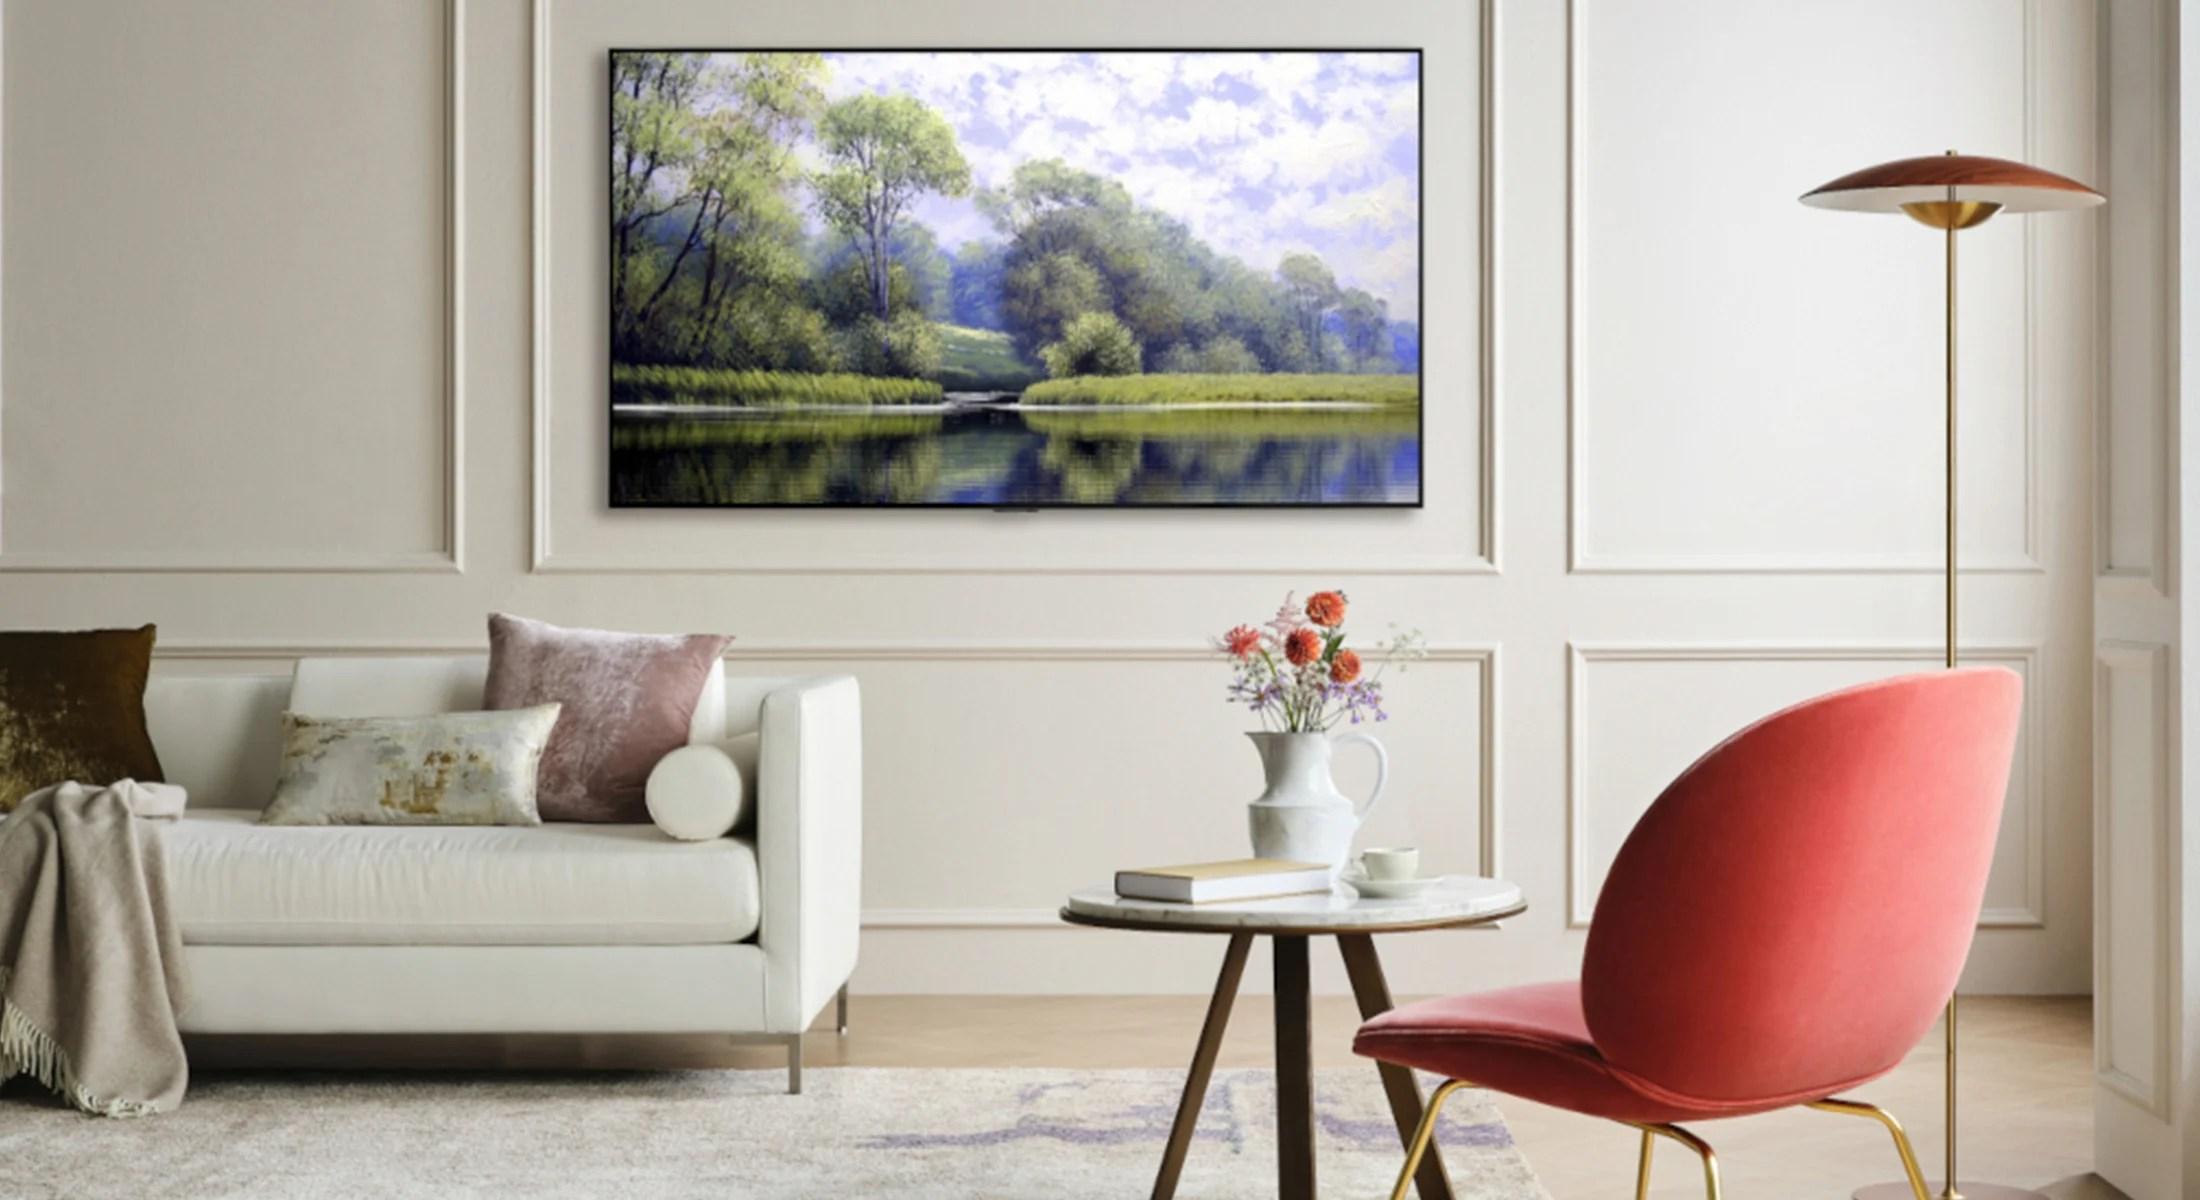 TV 4K OLED : la LG 55G1 (avec HDMI 2.1) coûte aujourd'hui 600 € de moins